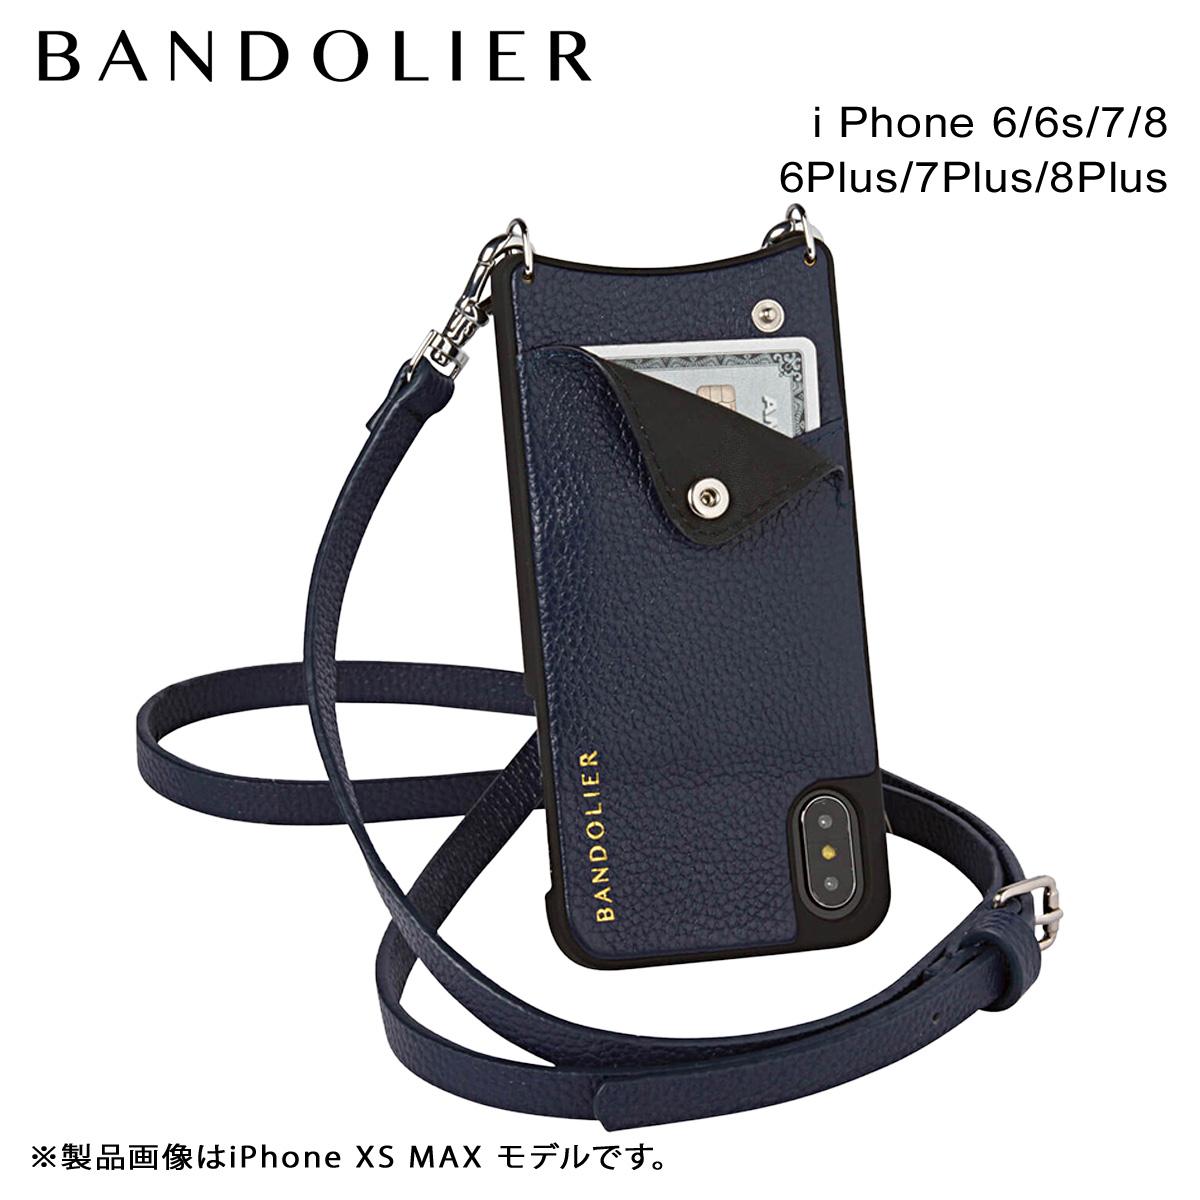 バンドリヤー BANDOLIER iPhone8 iPhone7 7Plus 6s ケース スマホ アイフォン プラス EMMA NAVY メンズ レディース ネイビー [9/14 追加入荷]